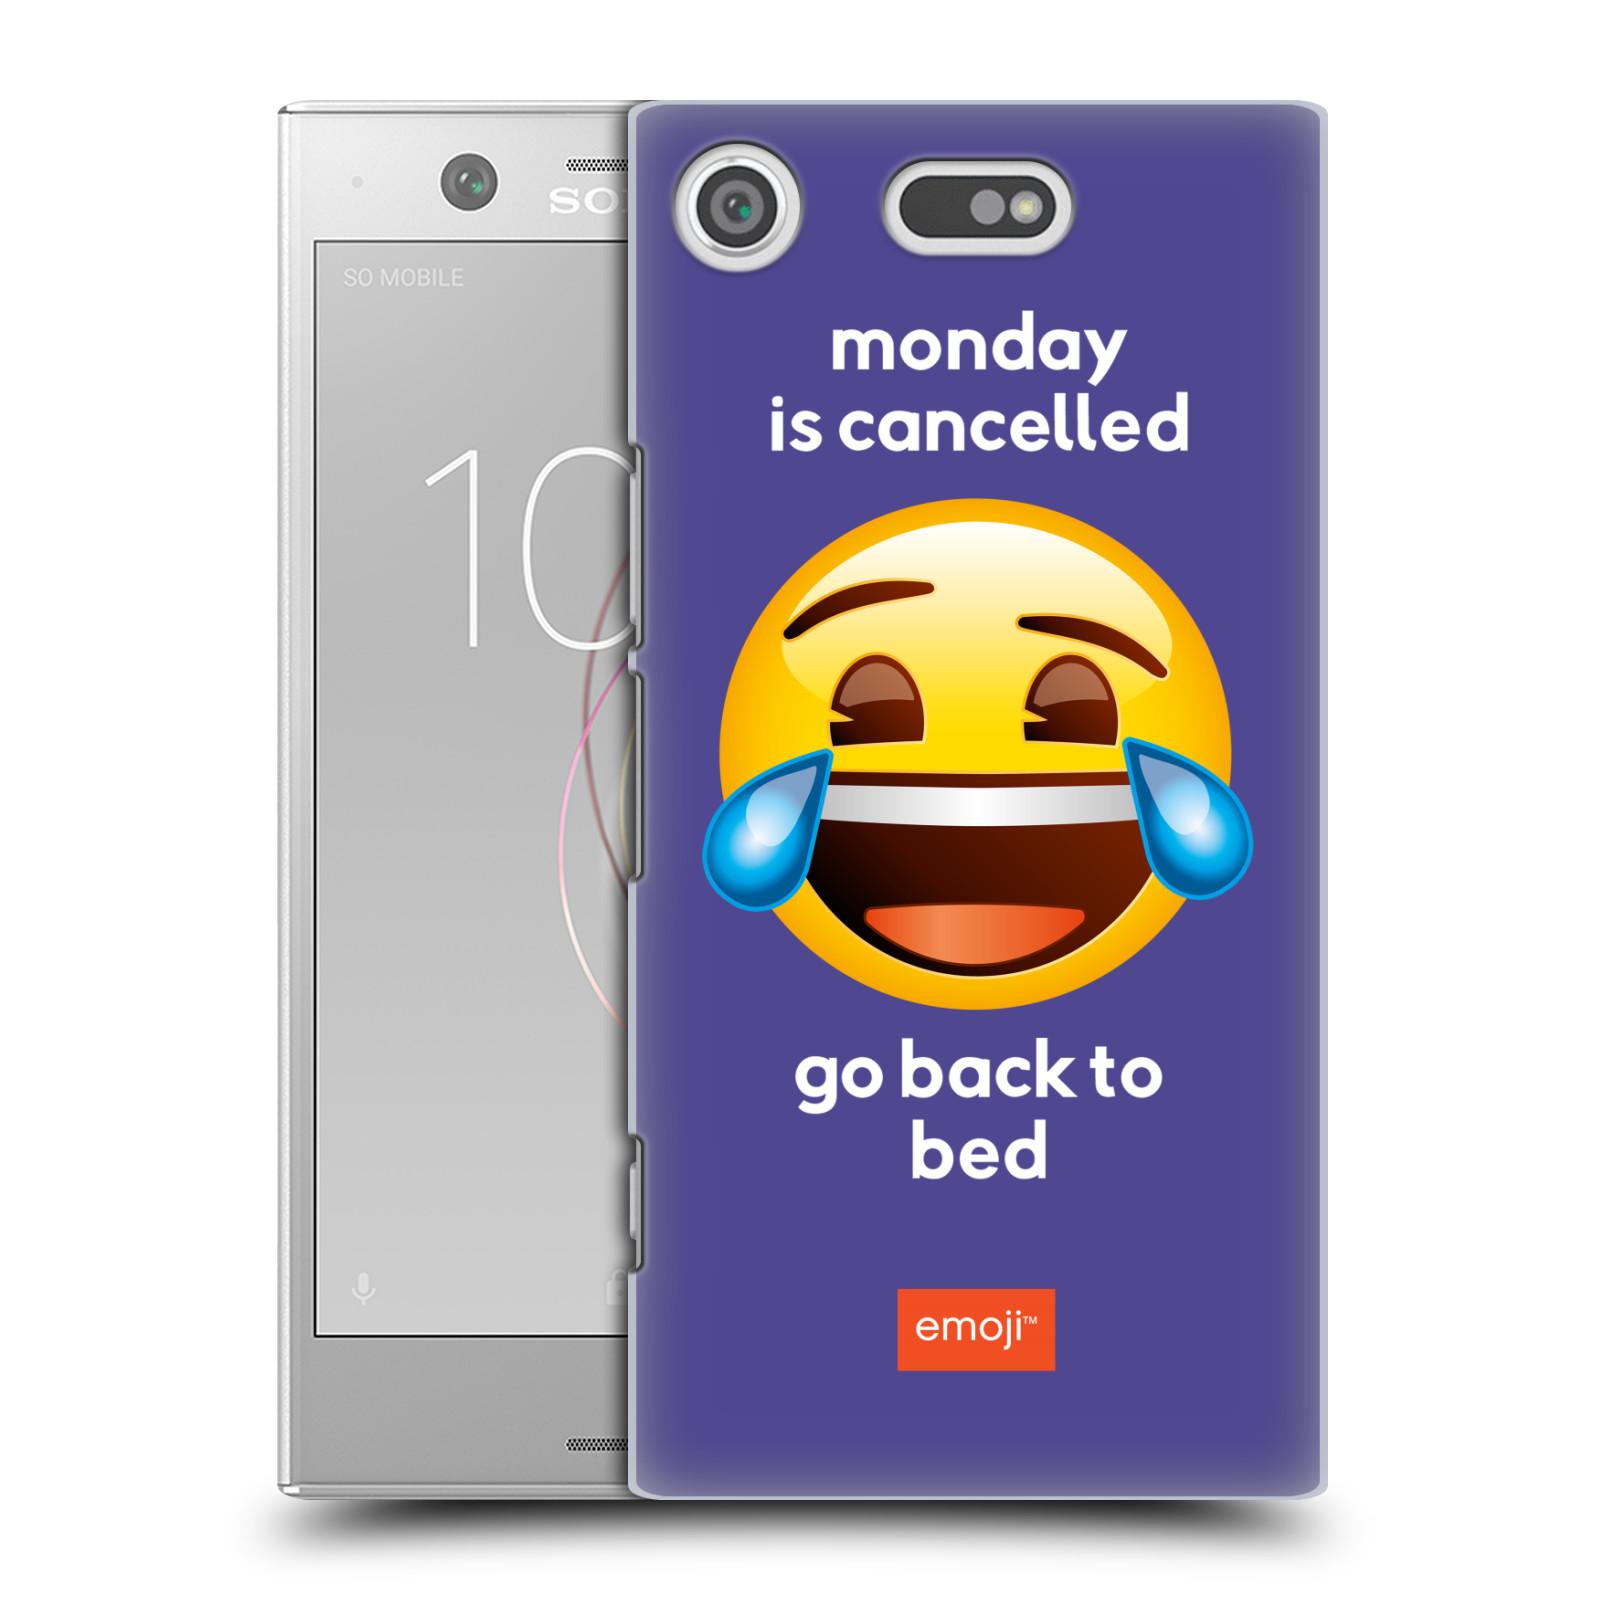 Pouzdro na mobil Sony Xperia XZ1 COMPACT - HEAD CASE - Emoji smějící se smajlík pondělí